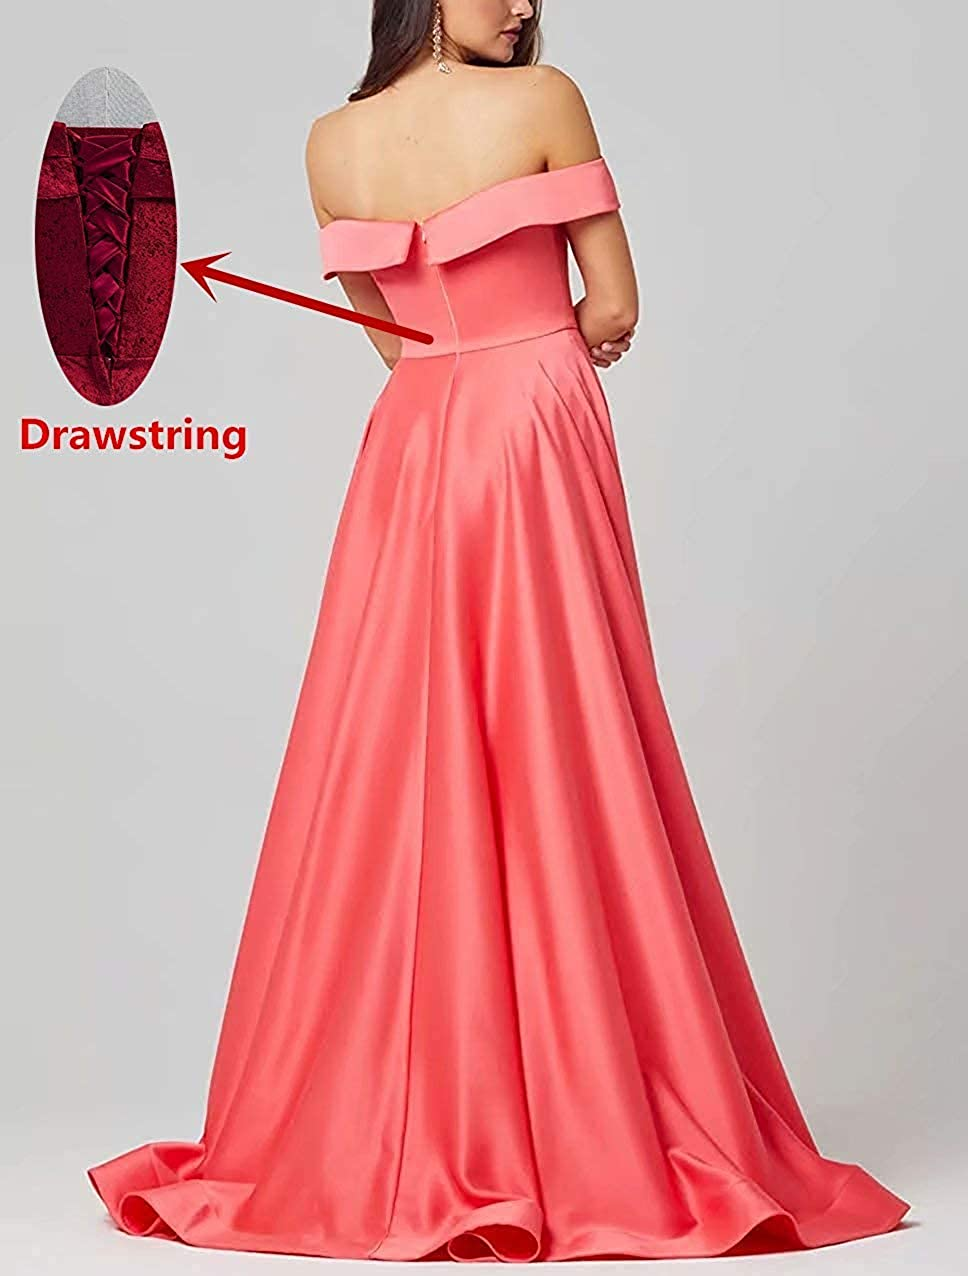 Qiuqier Femme Élégante Épaules Dénudées Satin Fendue Robe de Soirée de Cérémonie Longue Rouge